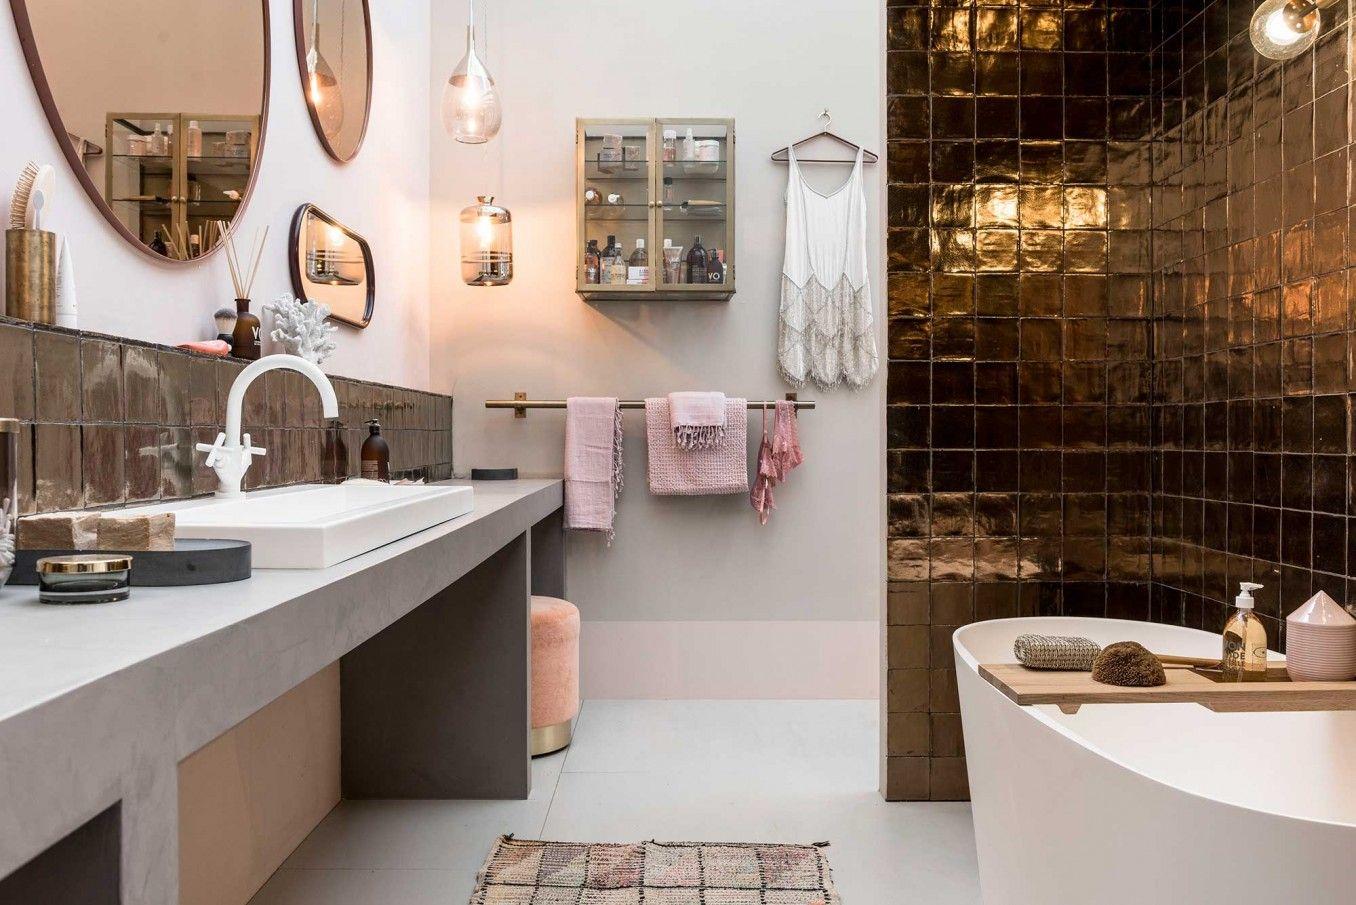 Vt Wonen Badkamers : Badkamer met koperen tegels vtwonen huis op de vt wonen&design beurs